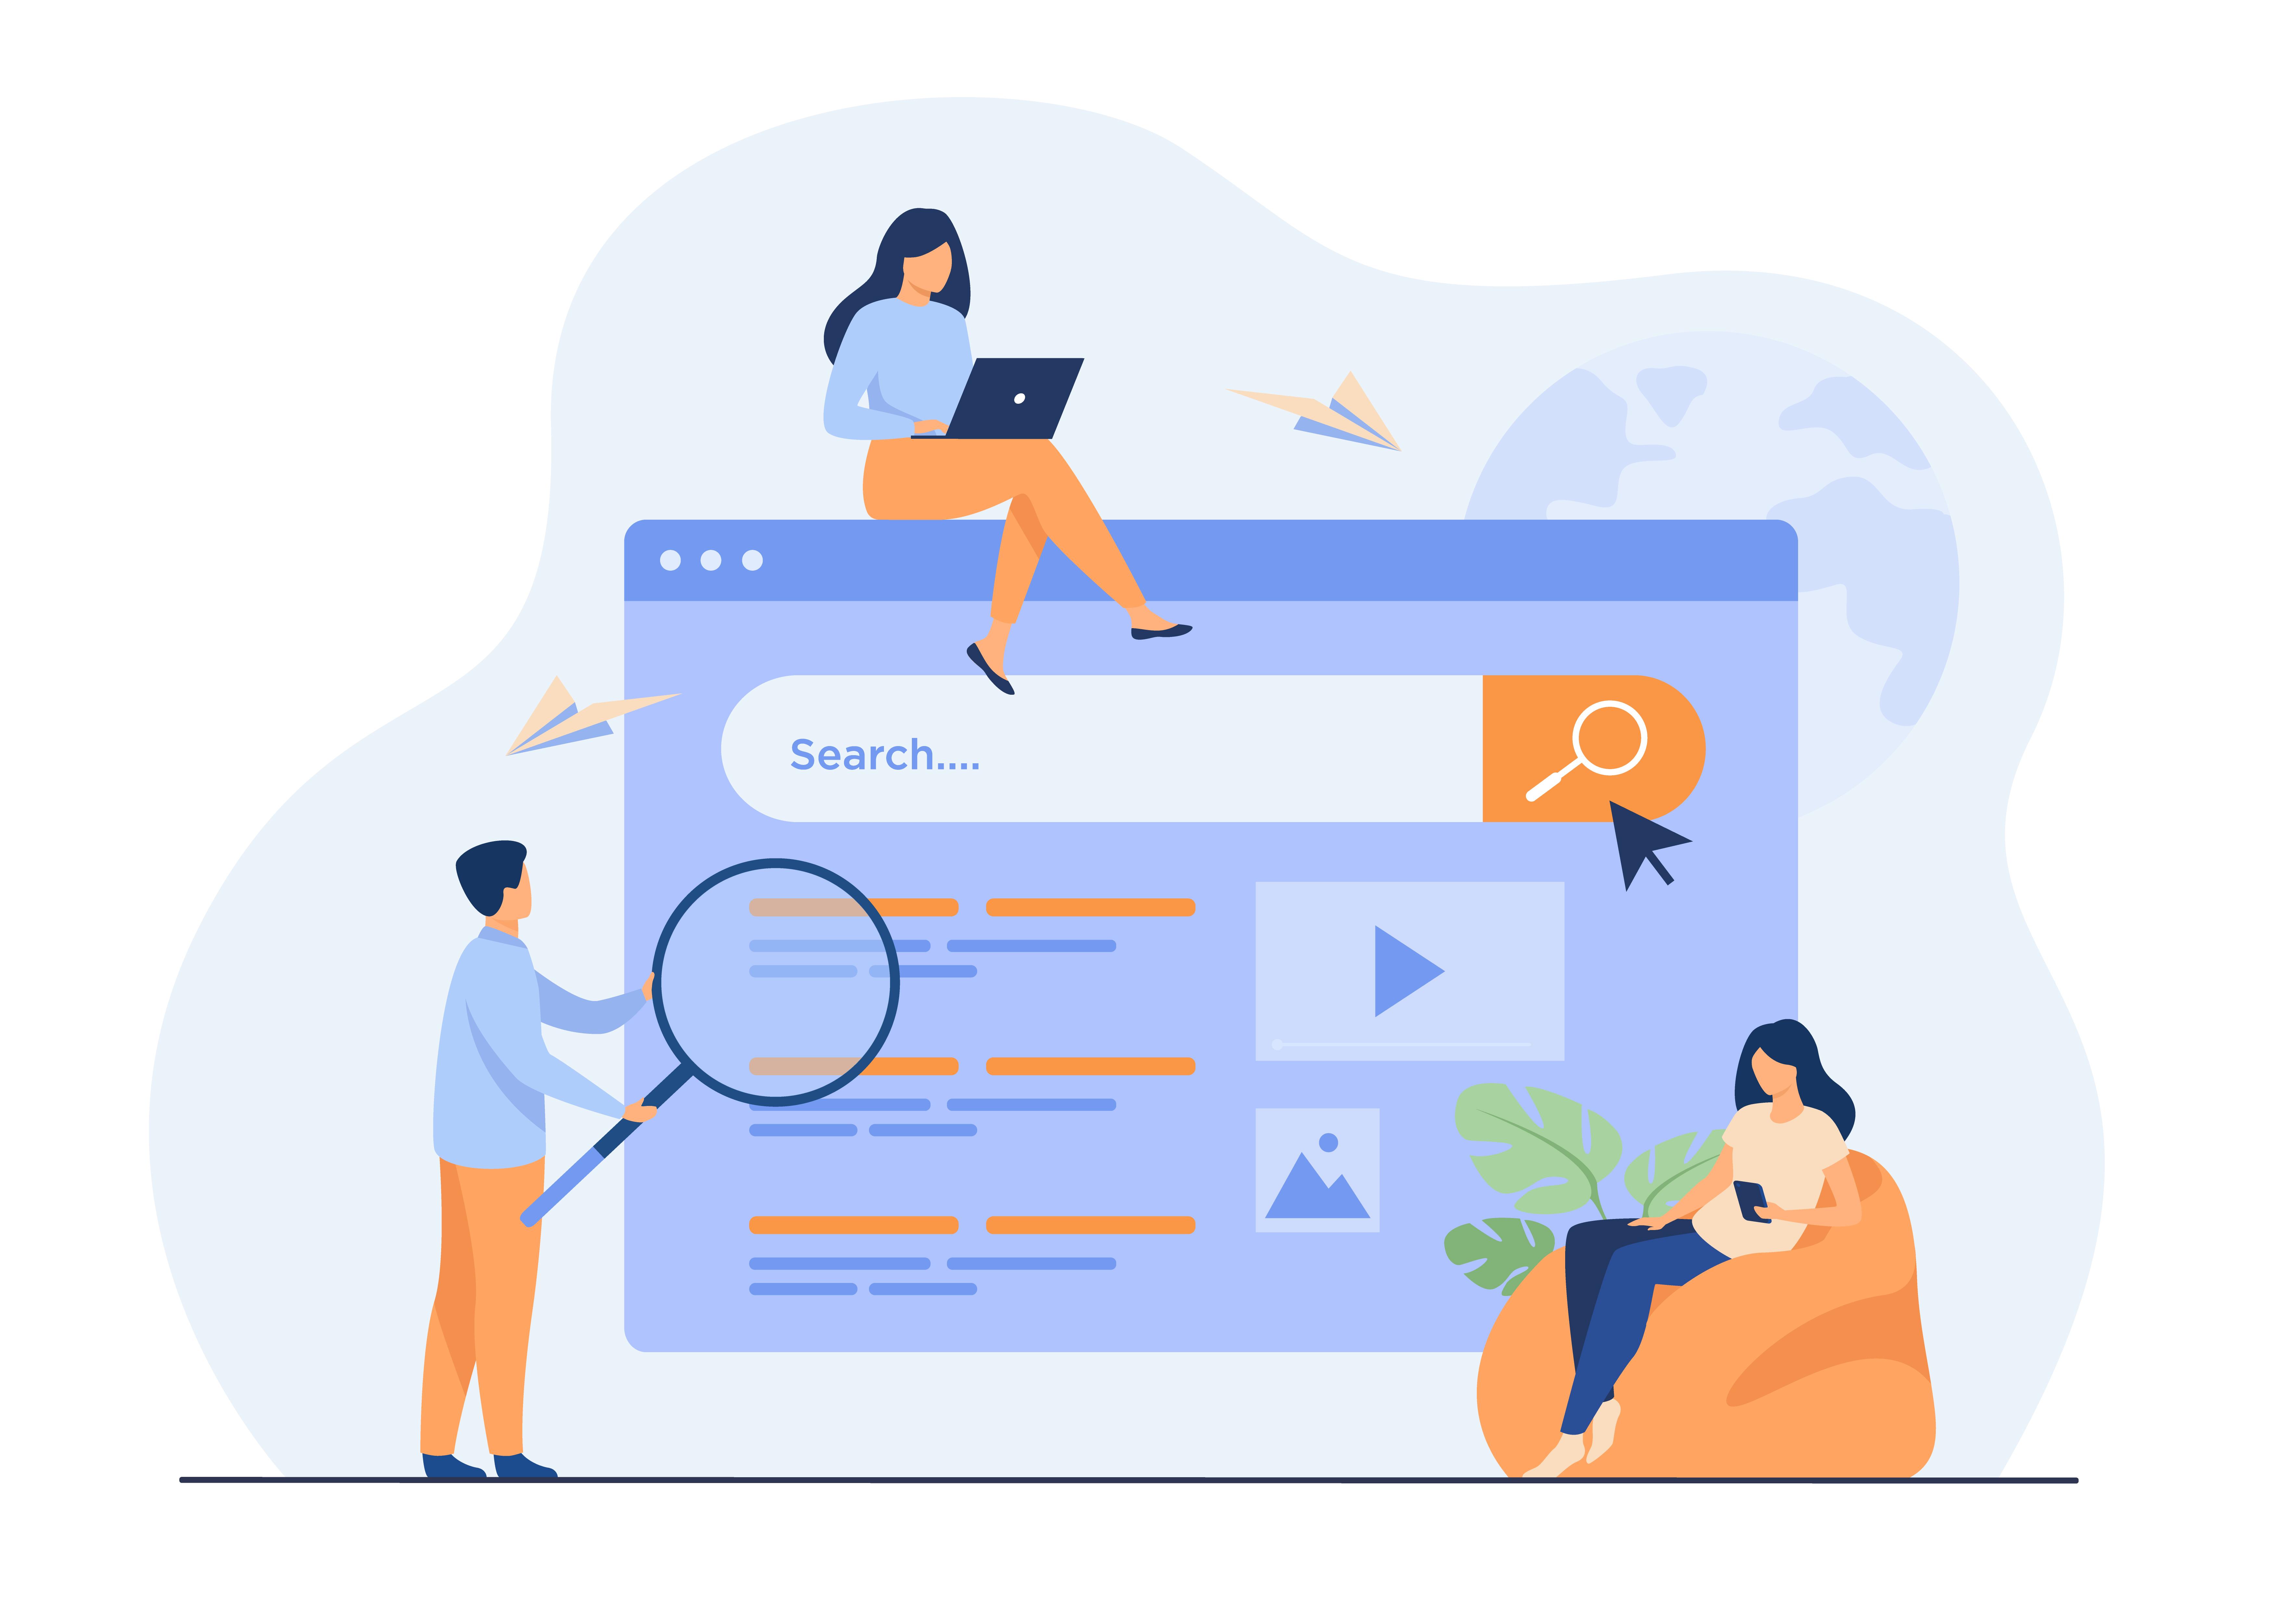 Hoe werkt SEO zoekresultaat precies